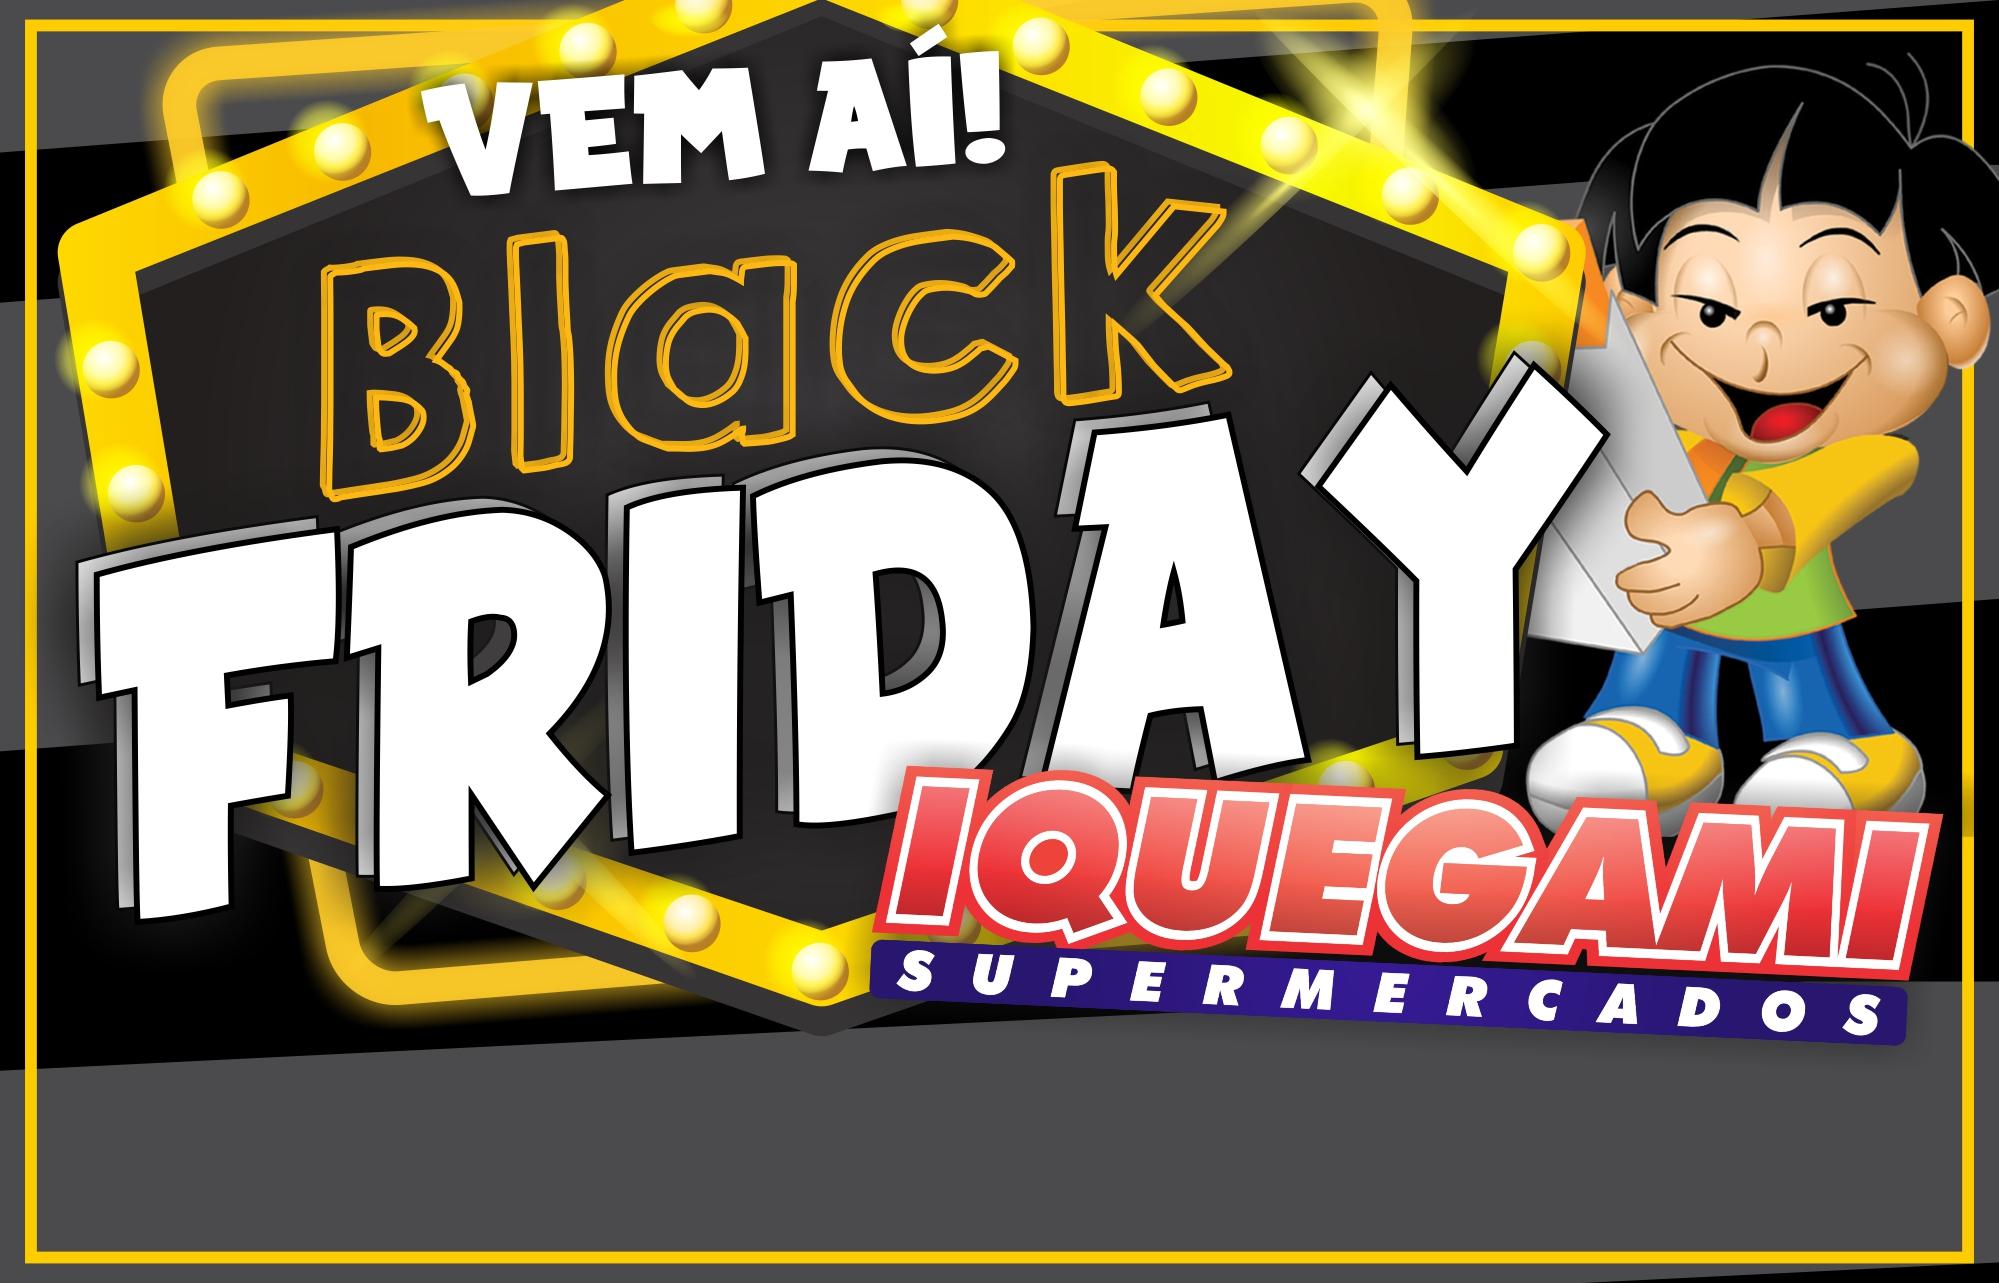 """9f71bf814 Nesta sexta, tem """"Black Friday"""" na rede Iquegami Supermercados ..."""